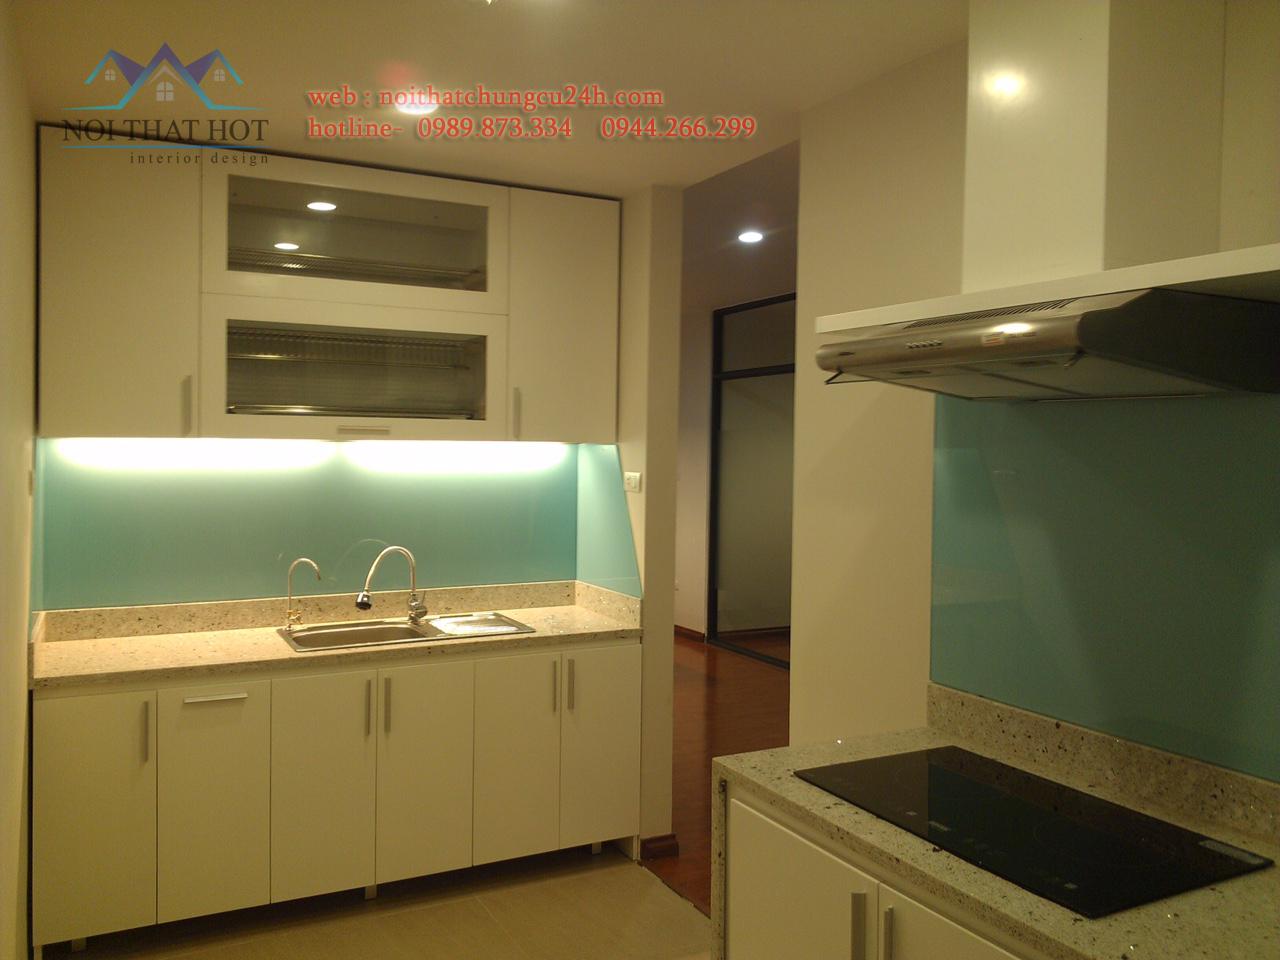 thiết kế nội thất chung cư, khu nhà bếp